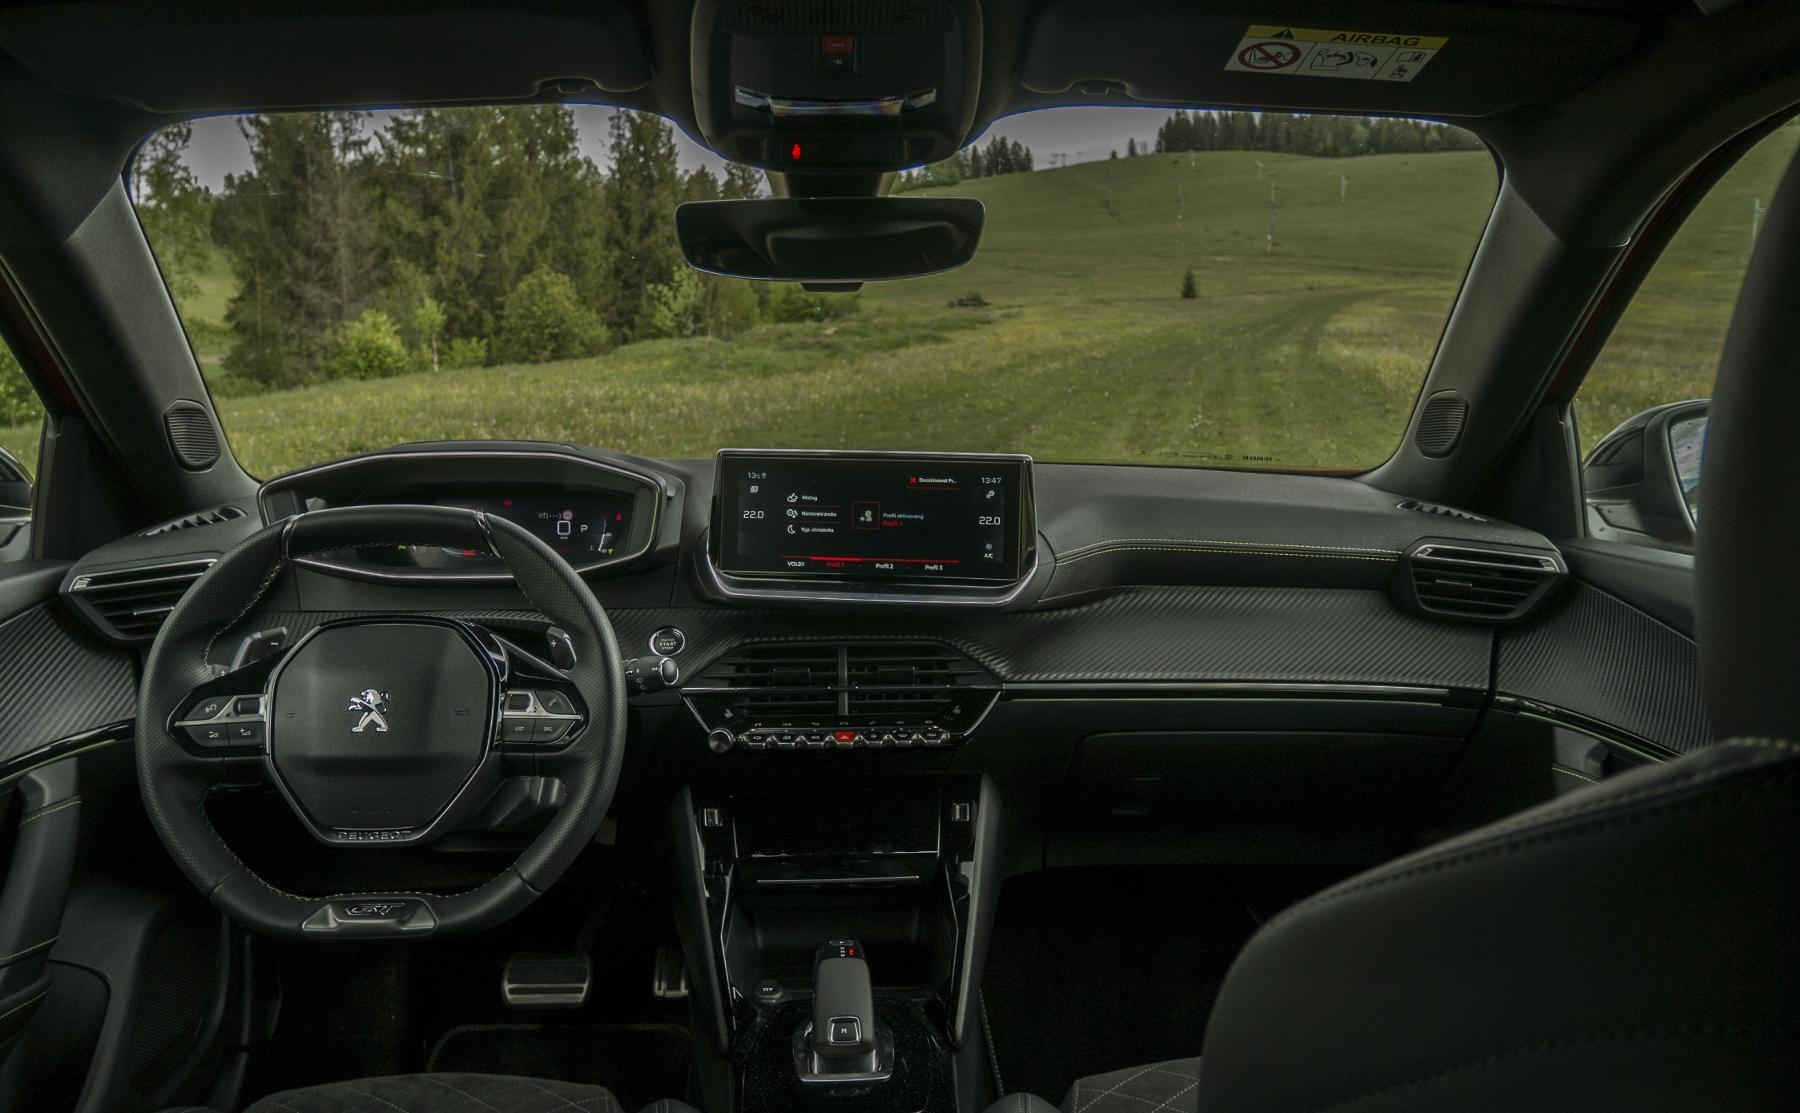 Test: Peugeot 2008 GT ohuruje silným trojvalcom a dobrou prevodovkou JapGp4DbXF peugeot-2008-50